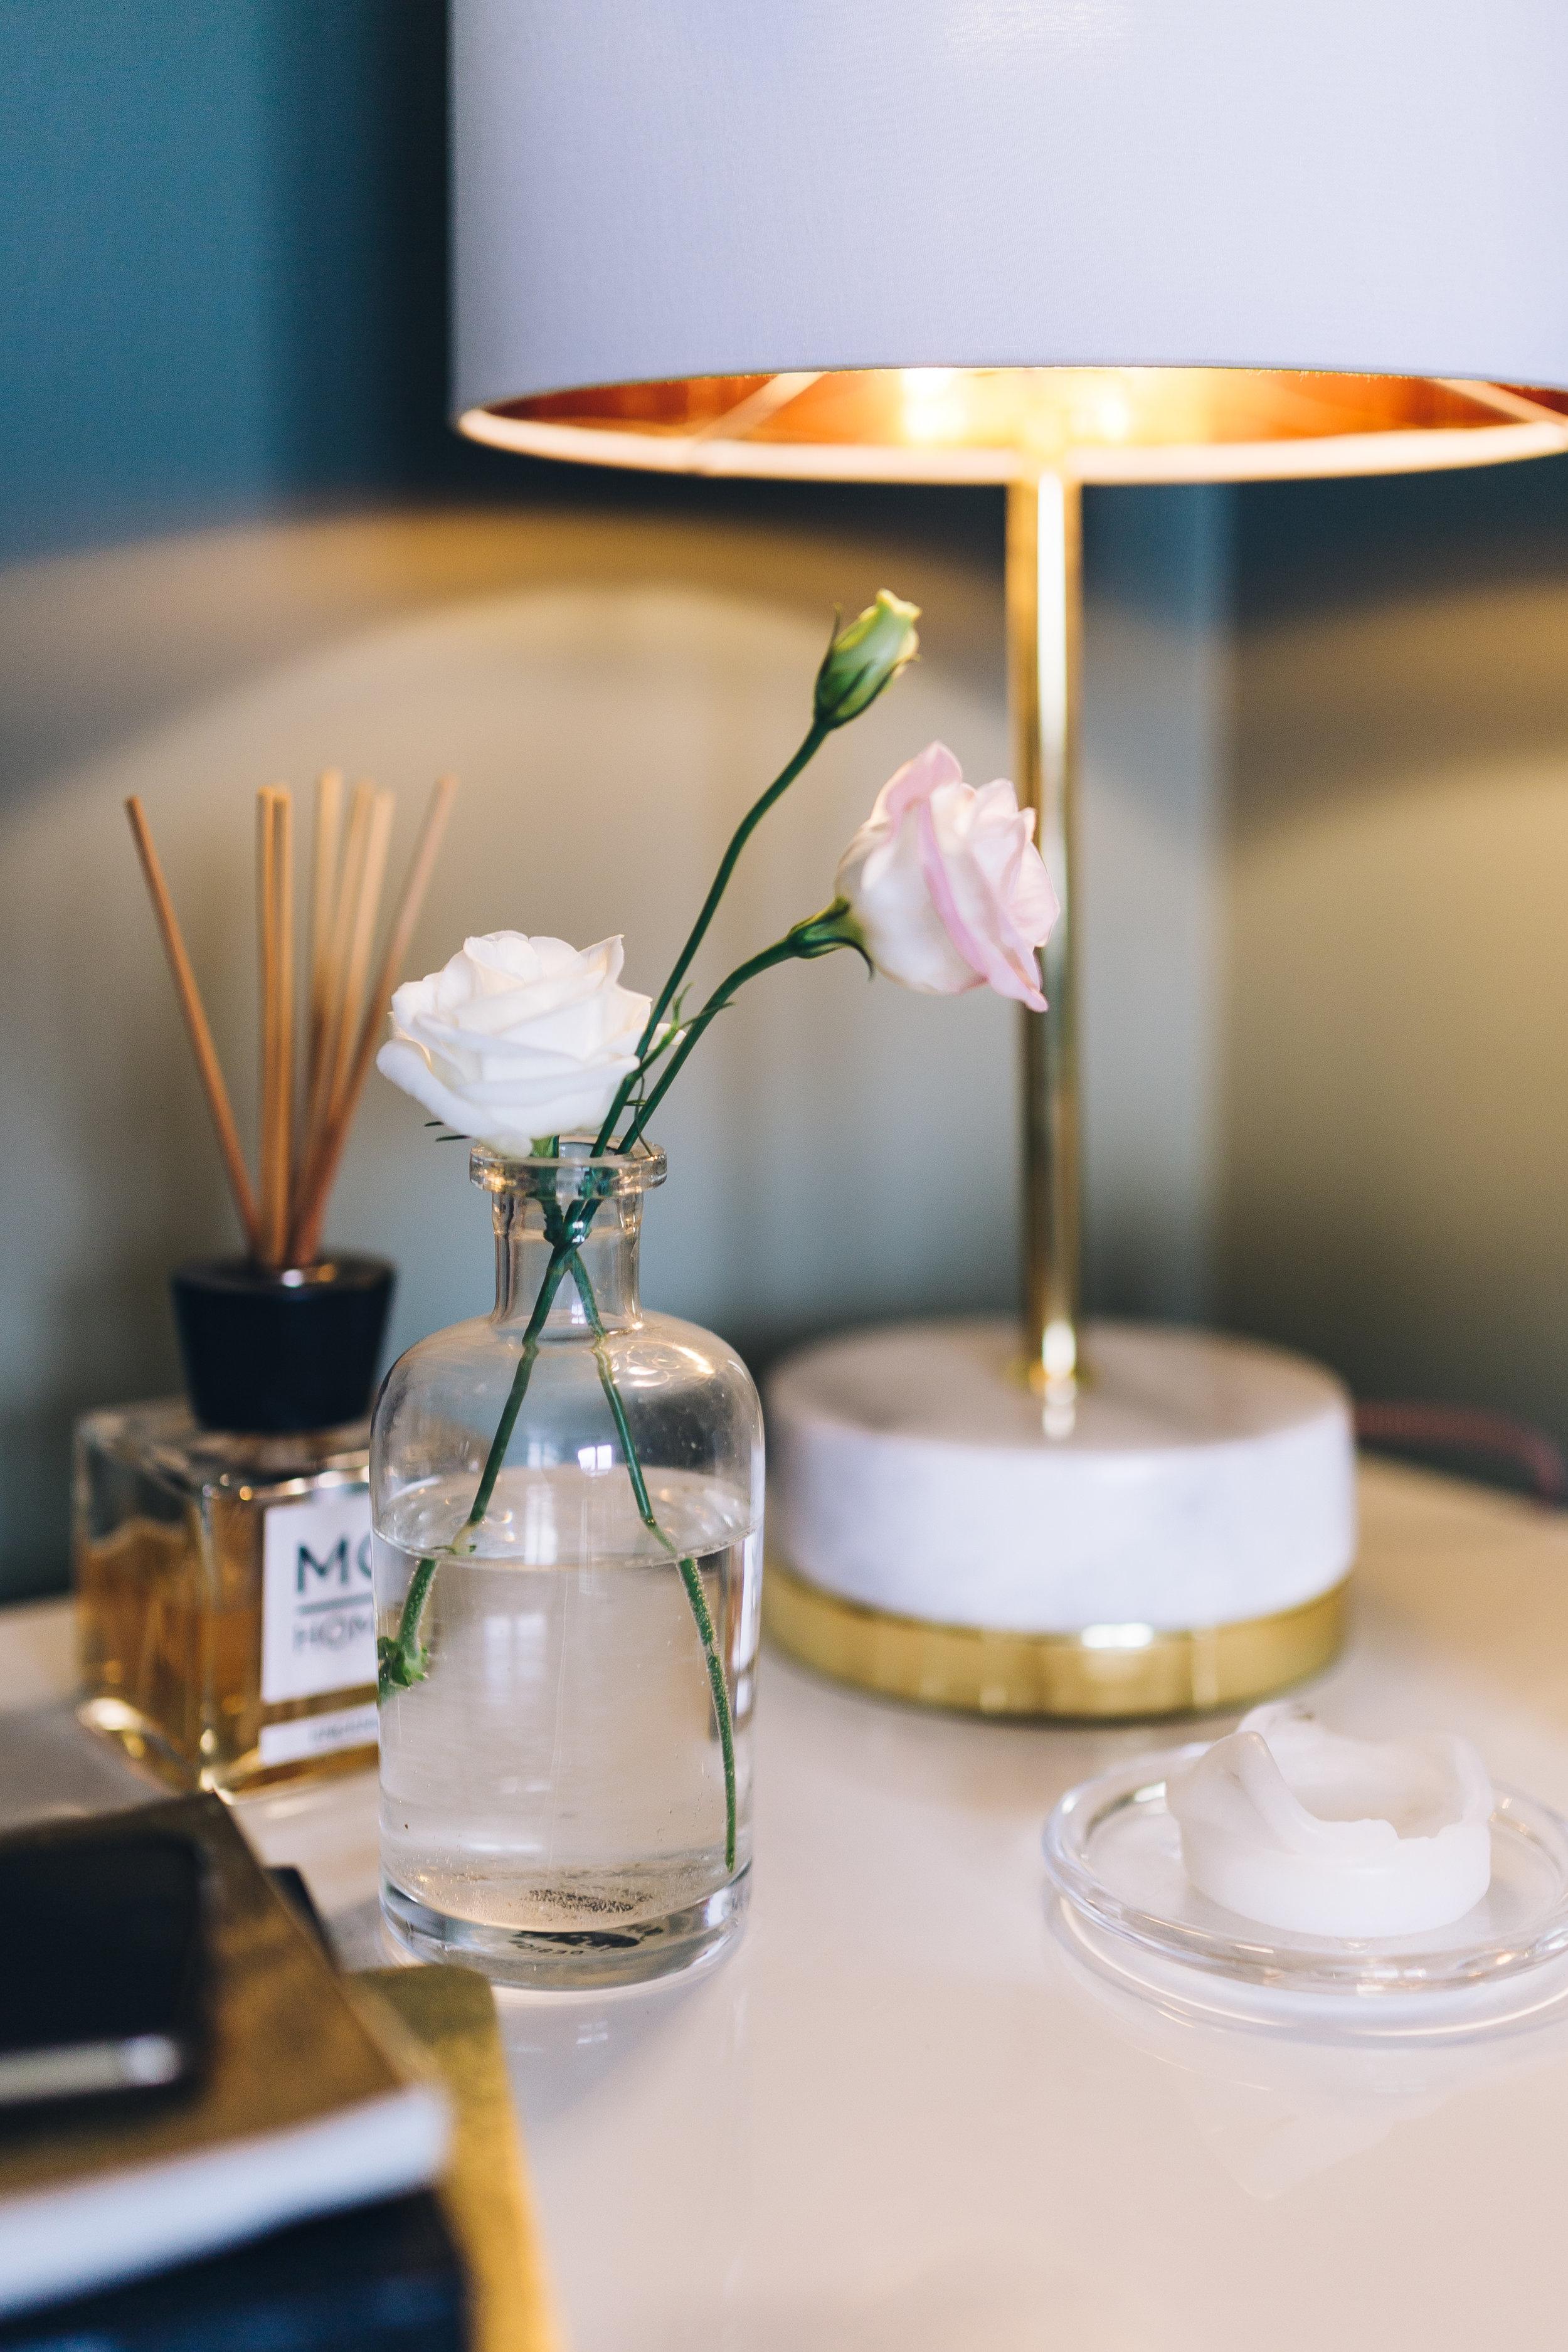 kaboompics.com_Lovely flowers in vase.jpg